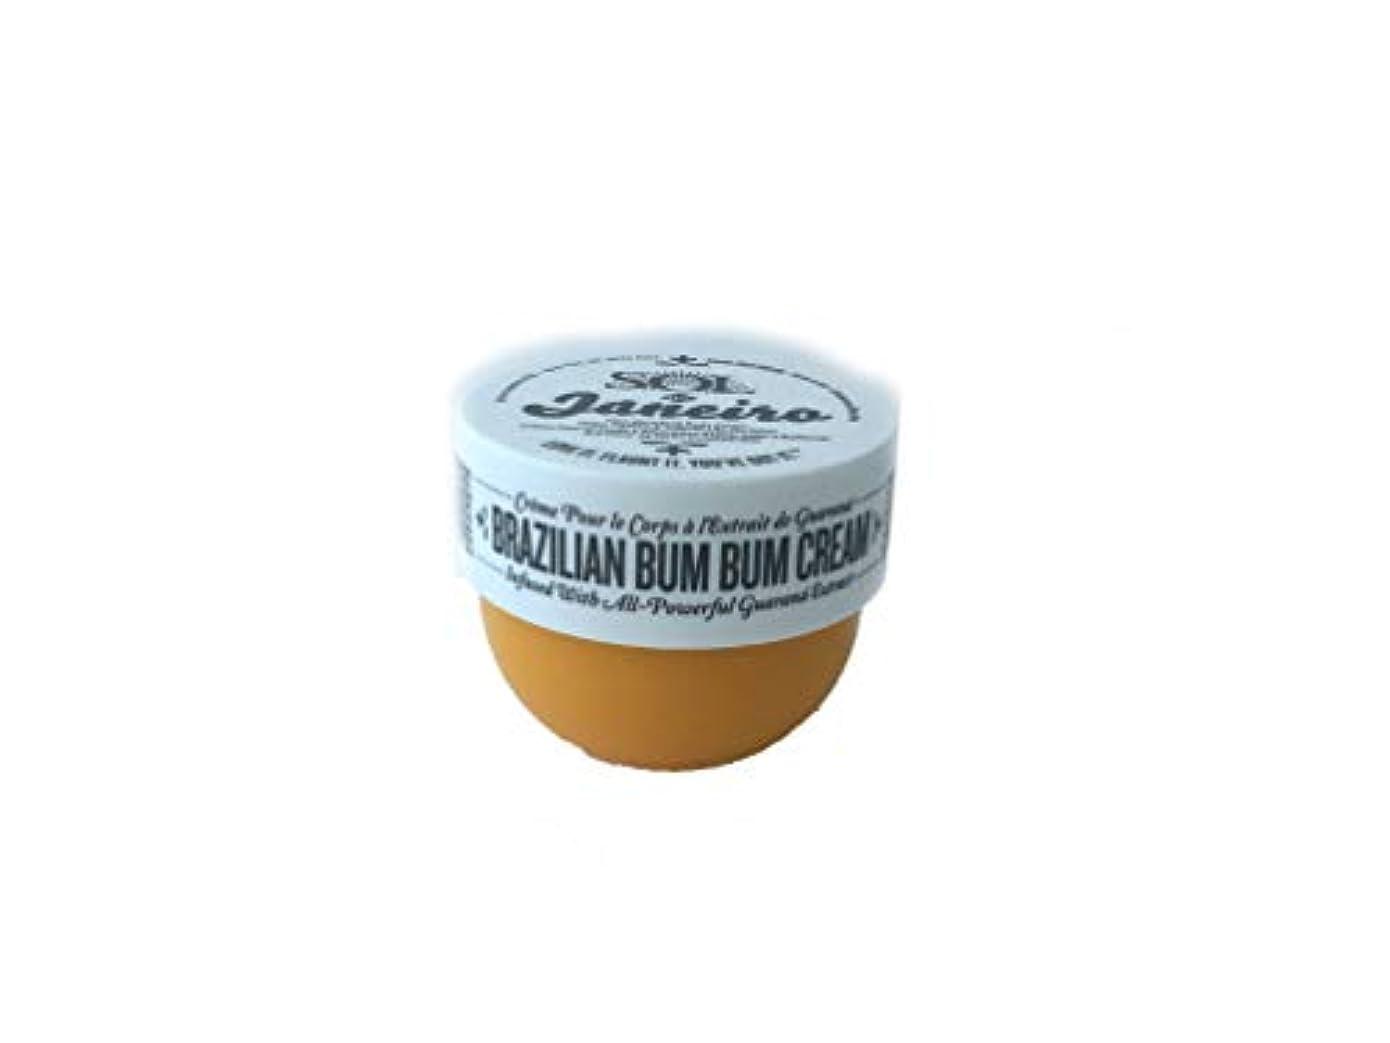 実用的気になるオリエンテーションBrazilian BUM BUM Cream 25ml トライアルサイズ【並行輸入品】